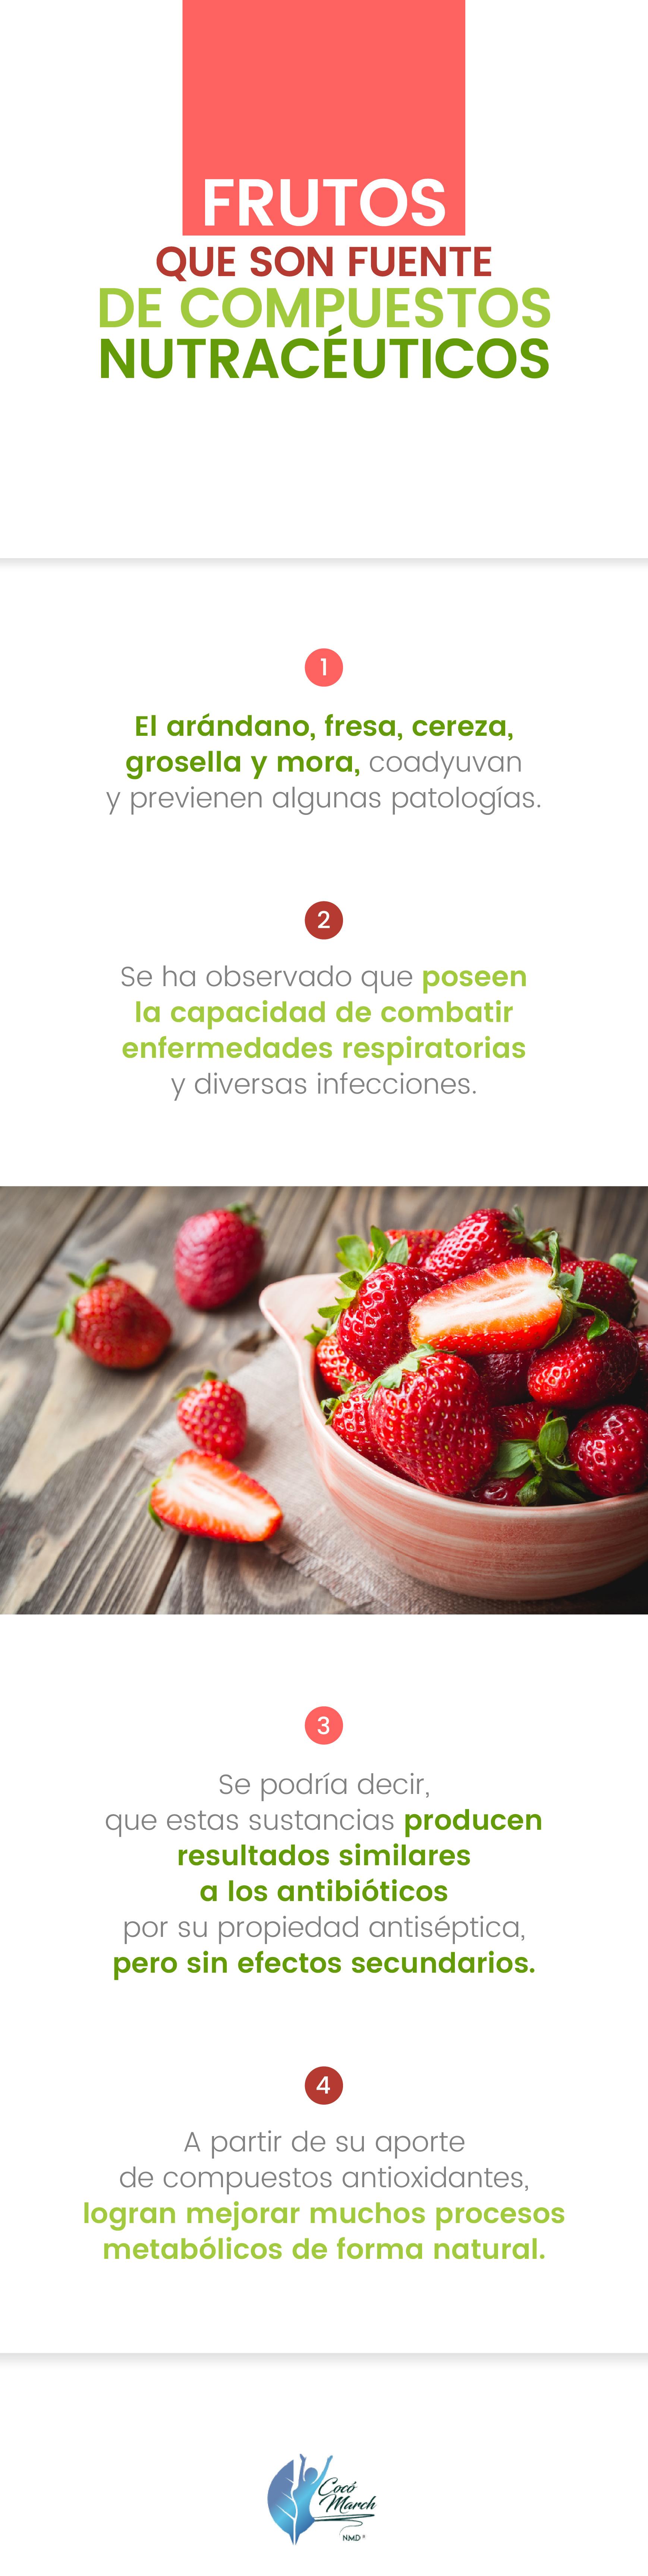 frutos-fuente-de-compuestos-nutraceuticos